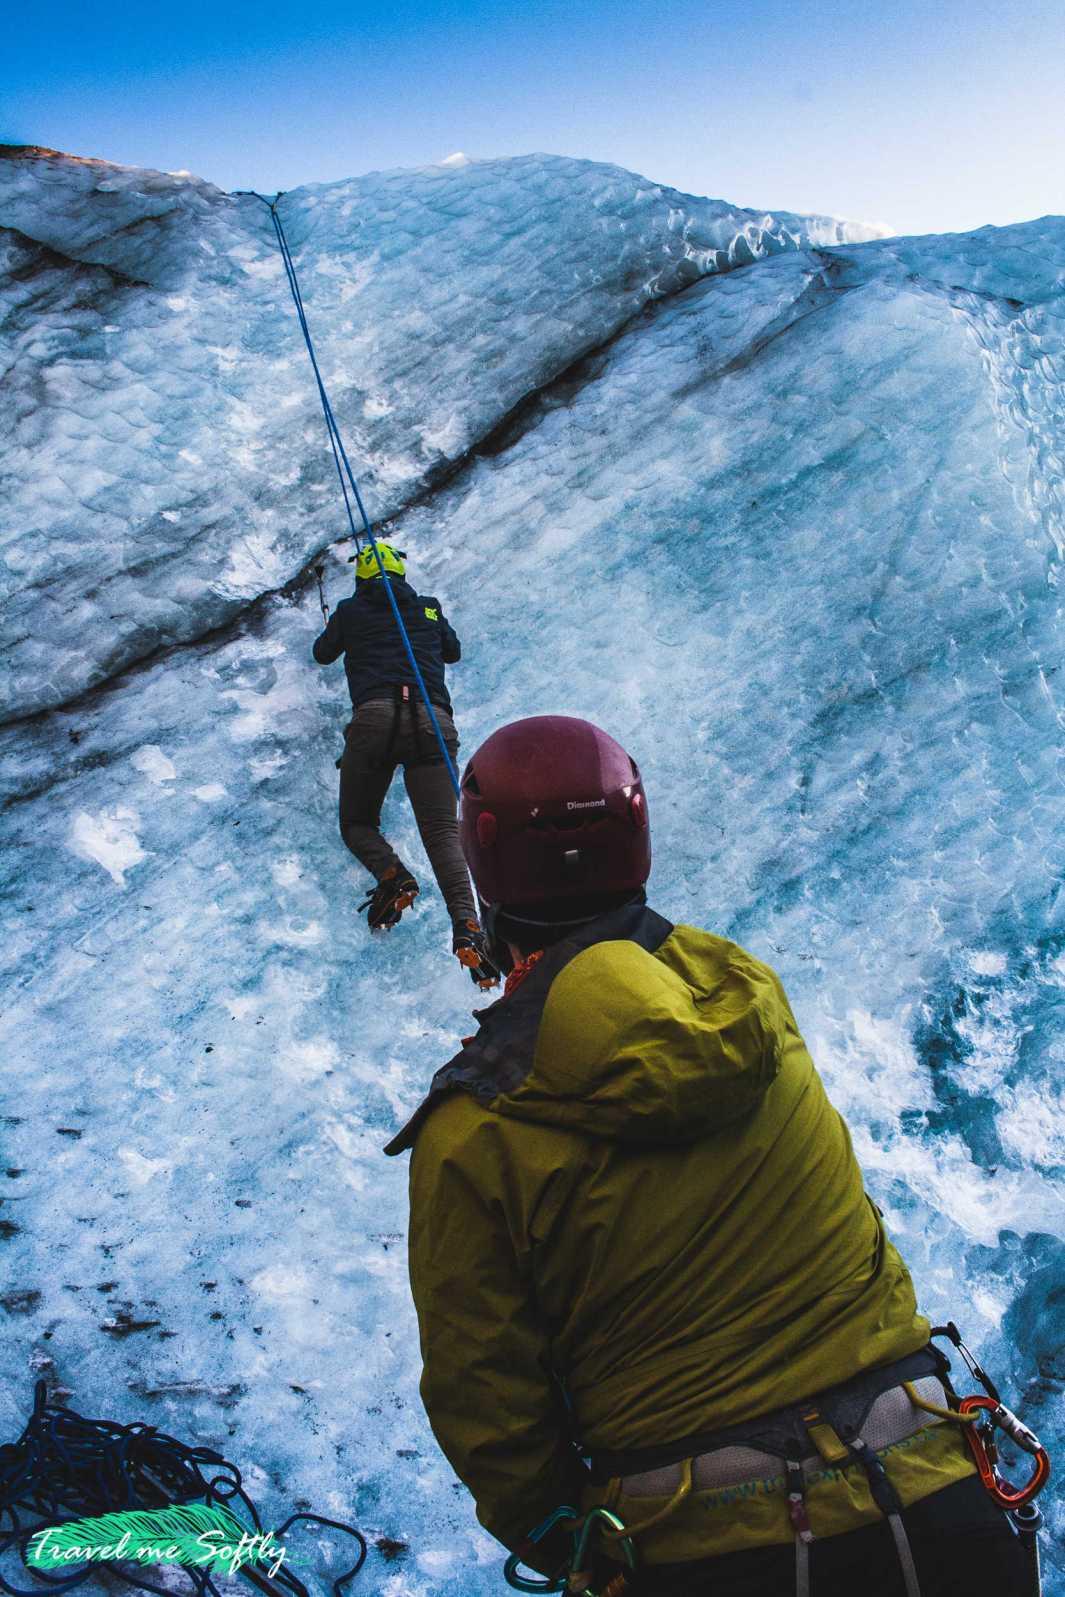 seguridad escalada en hielo